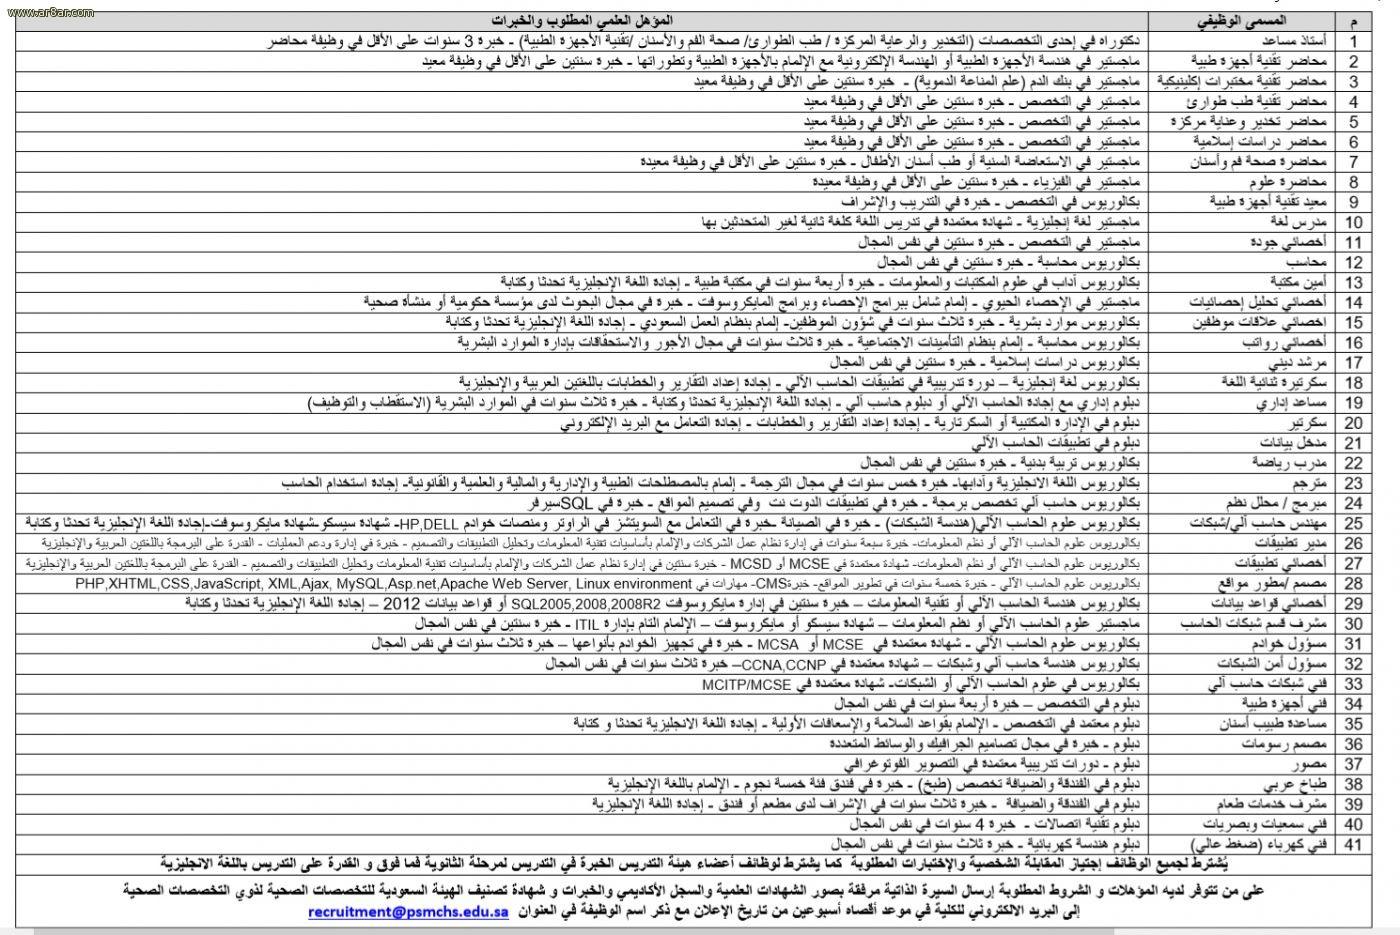 وظائف في كلية الأمير سلطان العسكرية للعلوم الصحية - الظهران